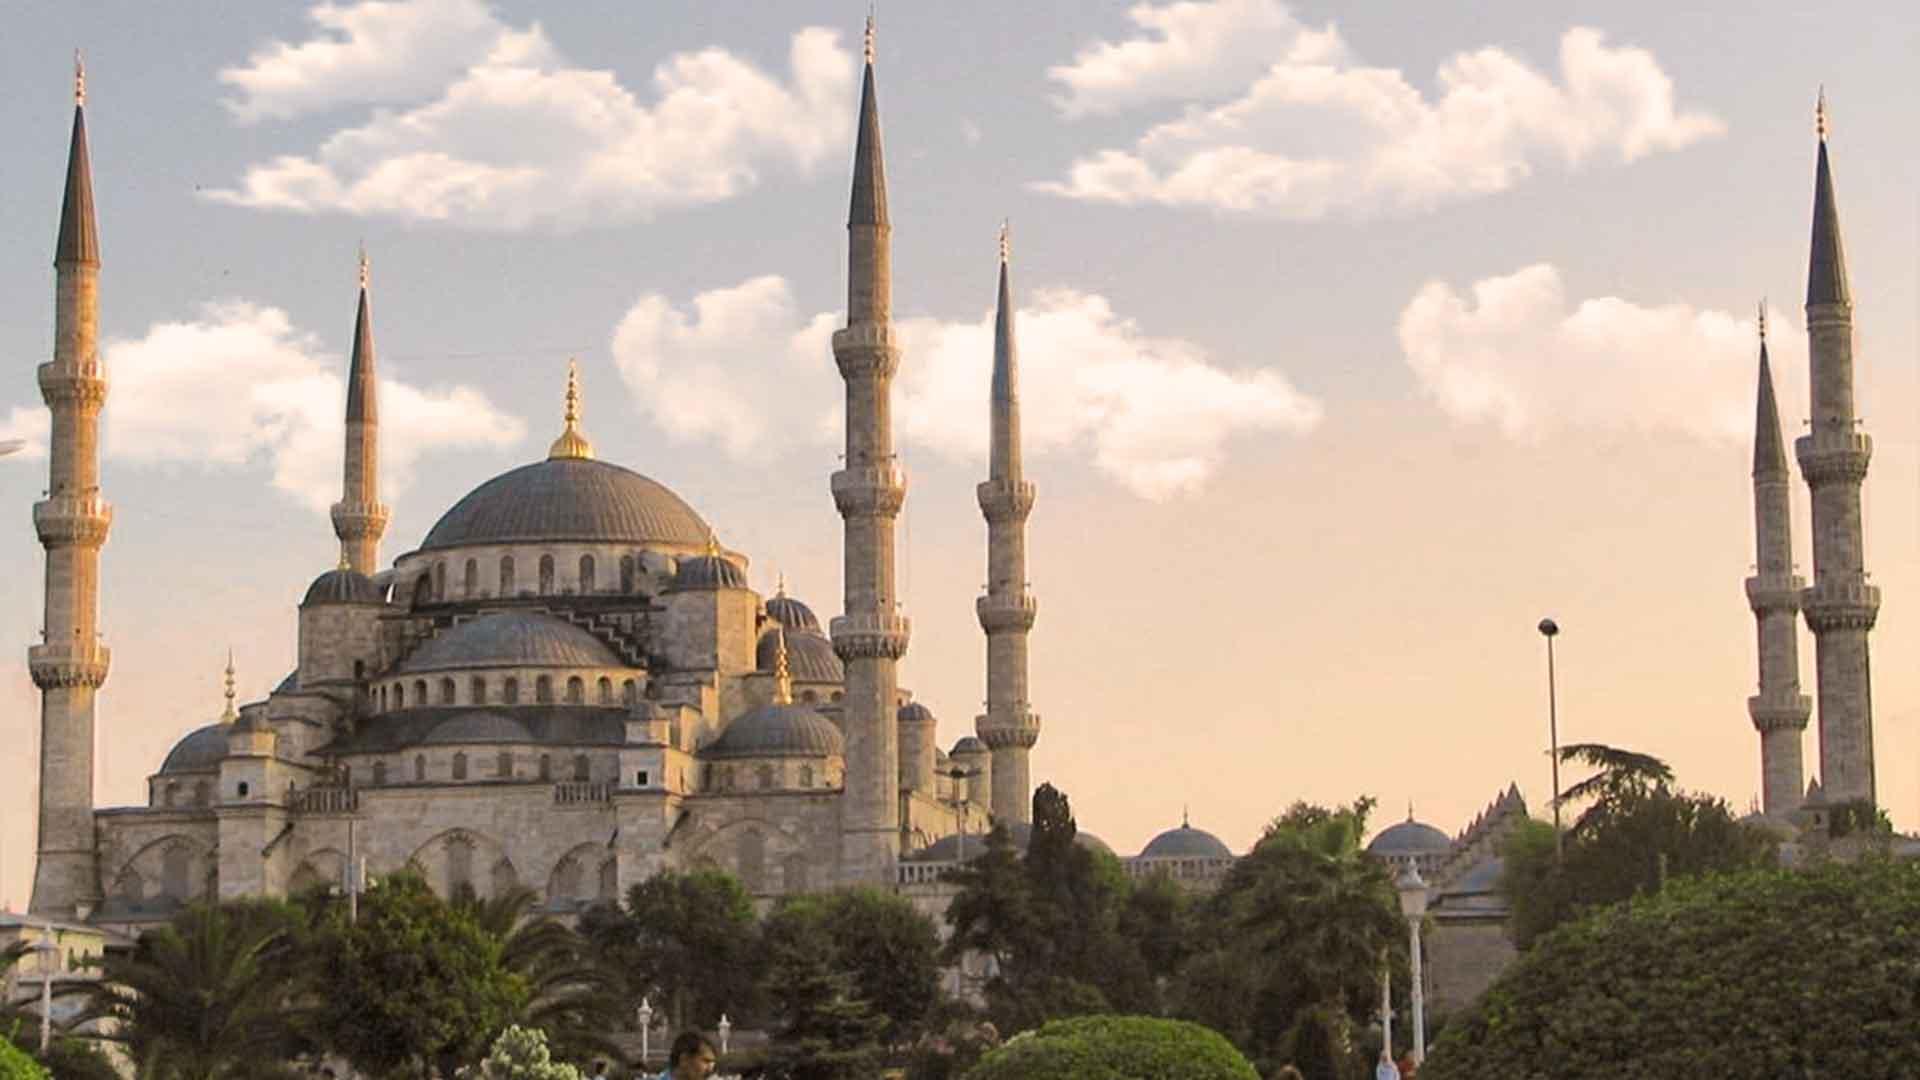 Dünyanın En Büyük Camileri Listesi?fit=thumb&w=418&h=152&q=80